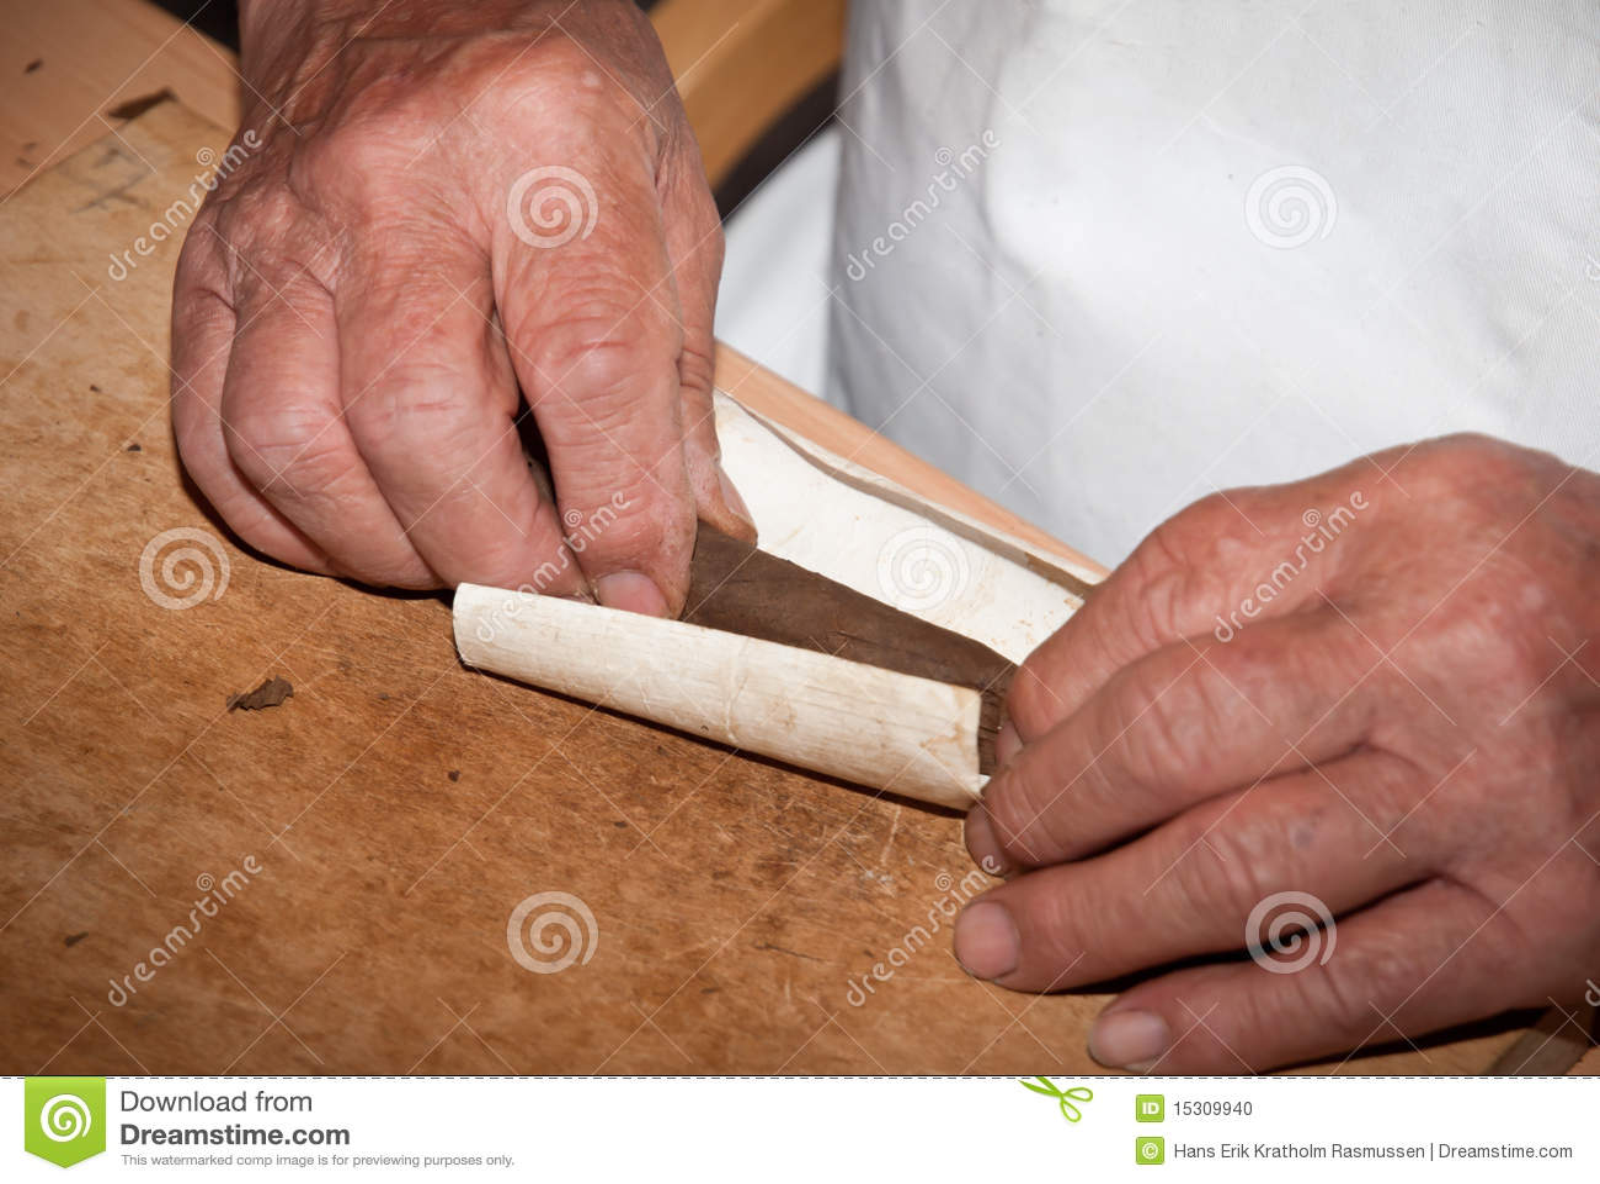 Cigar makers hands